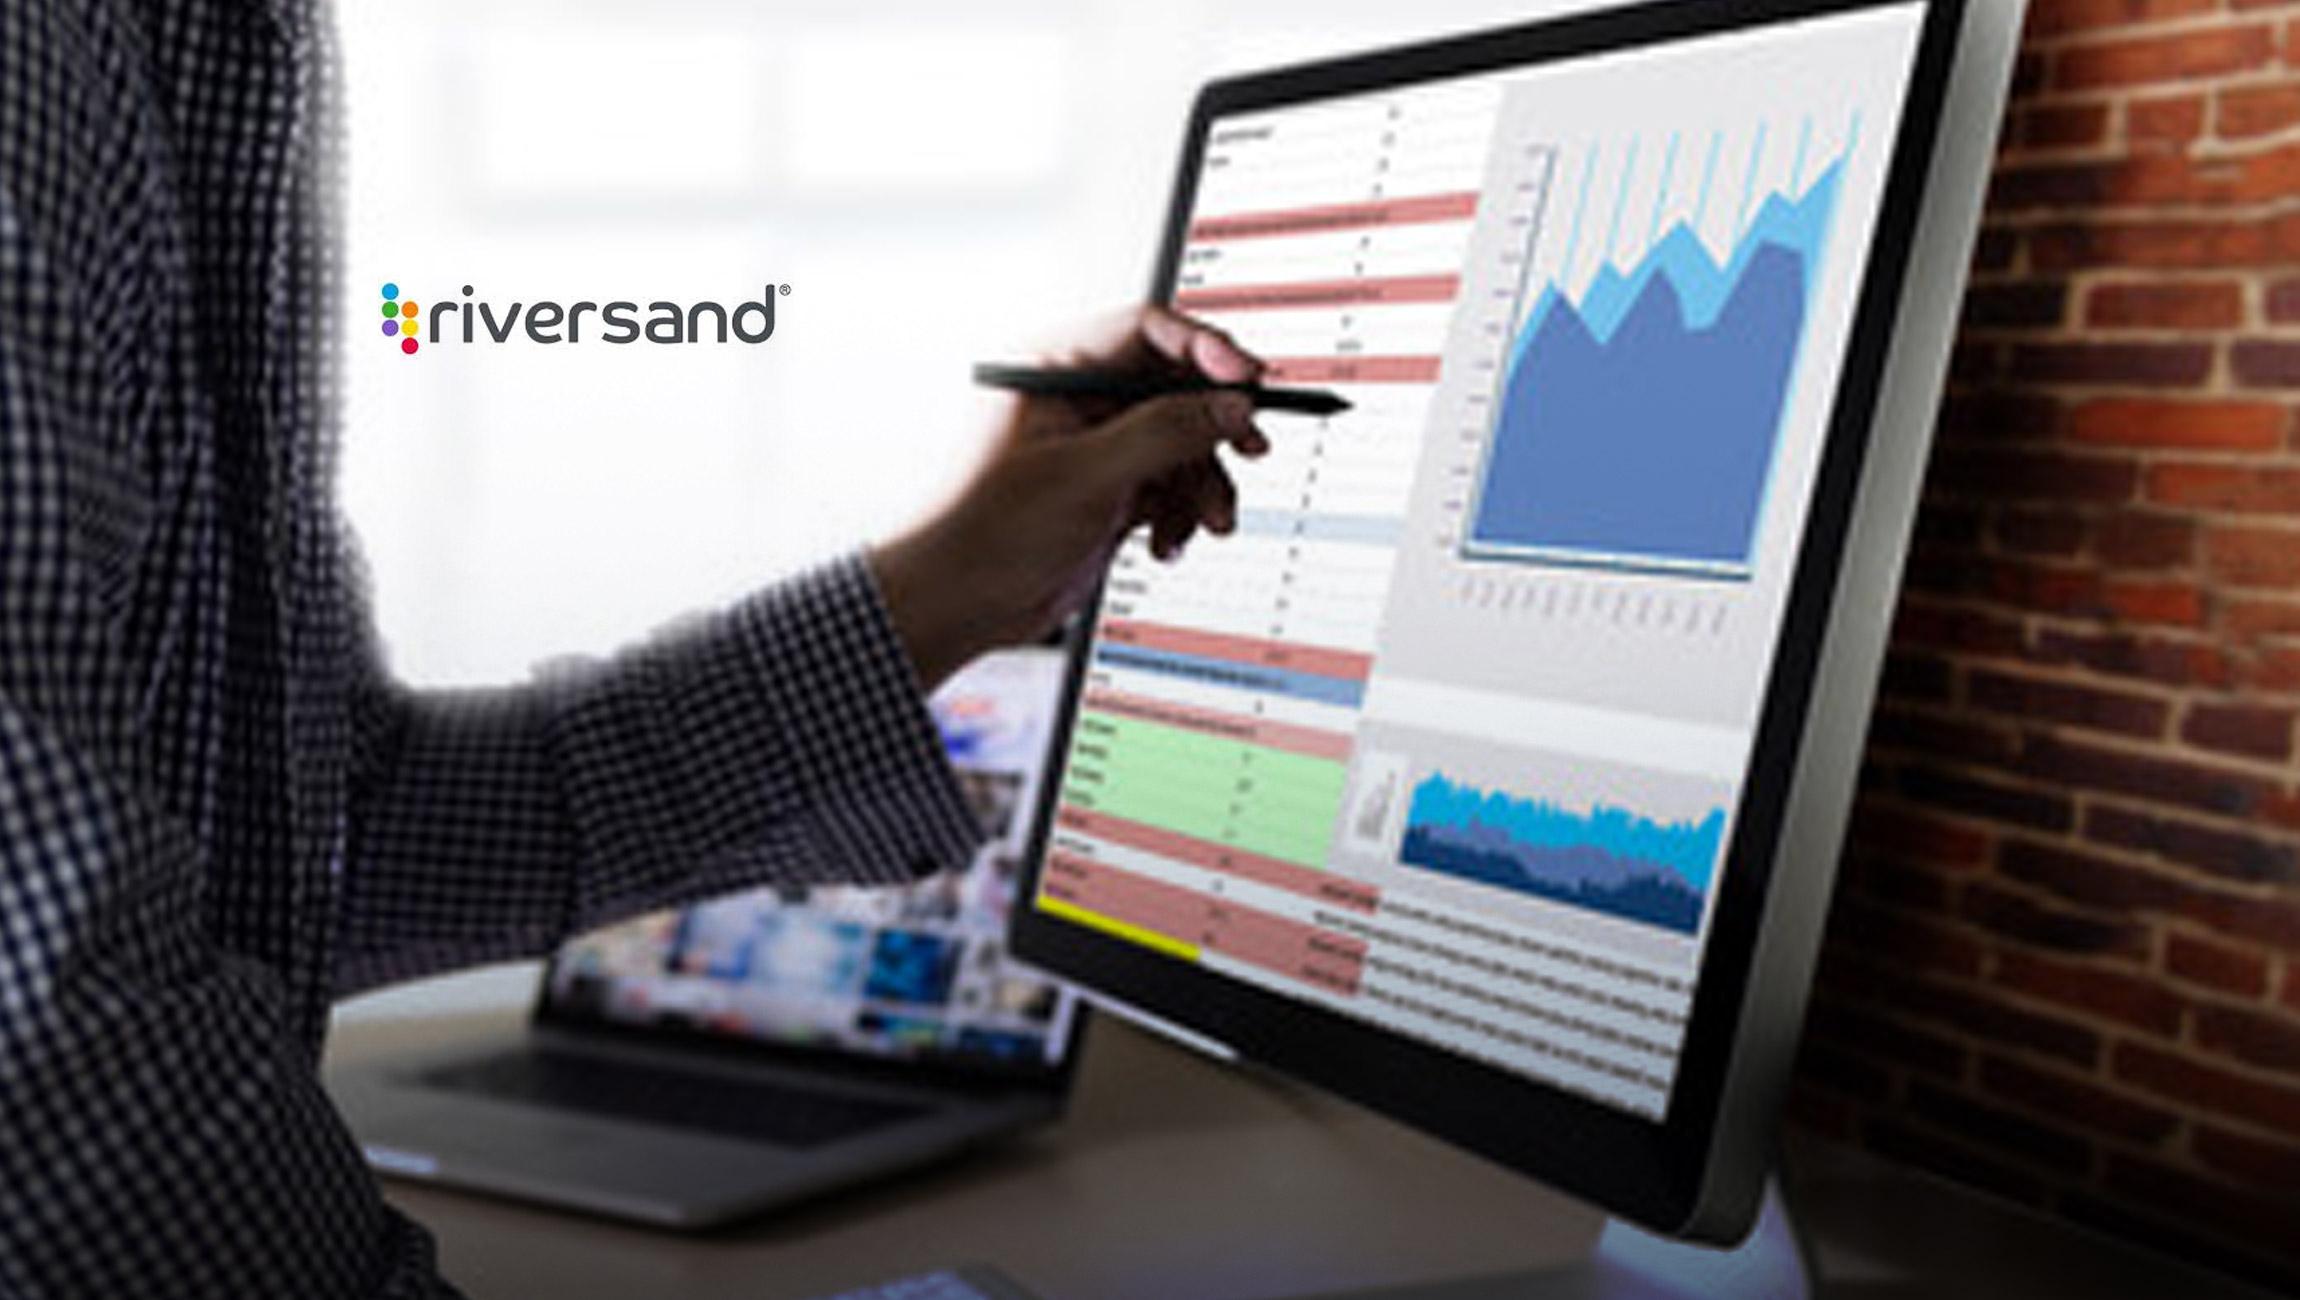 Riversand Named a Leader in Gartner Magic Quadrant for Master Data Management (MDM) Solutions